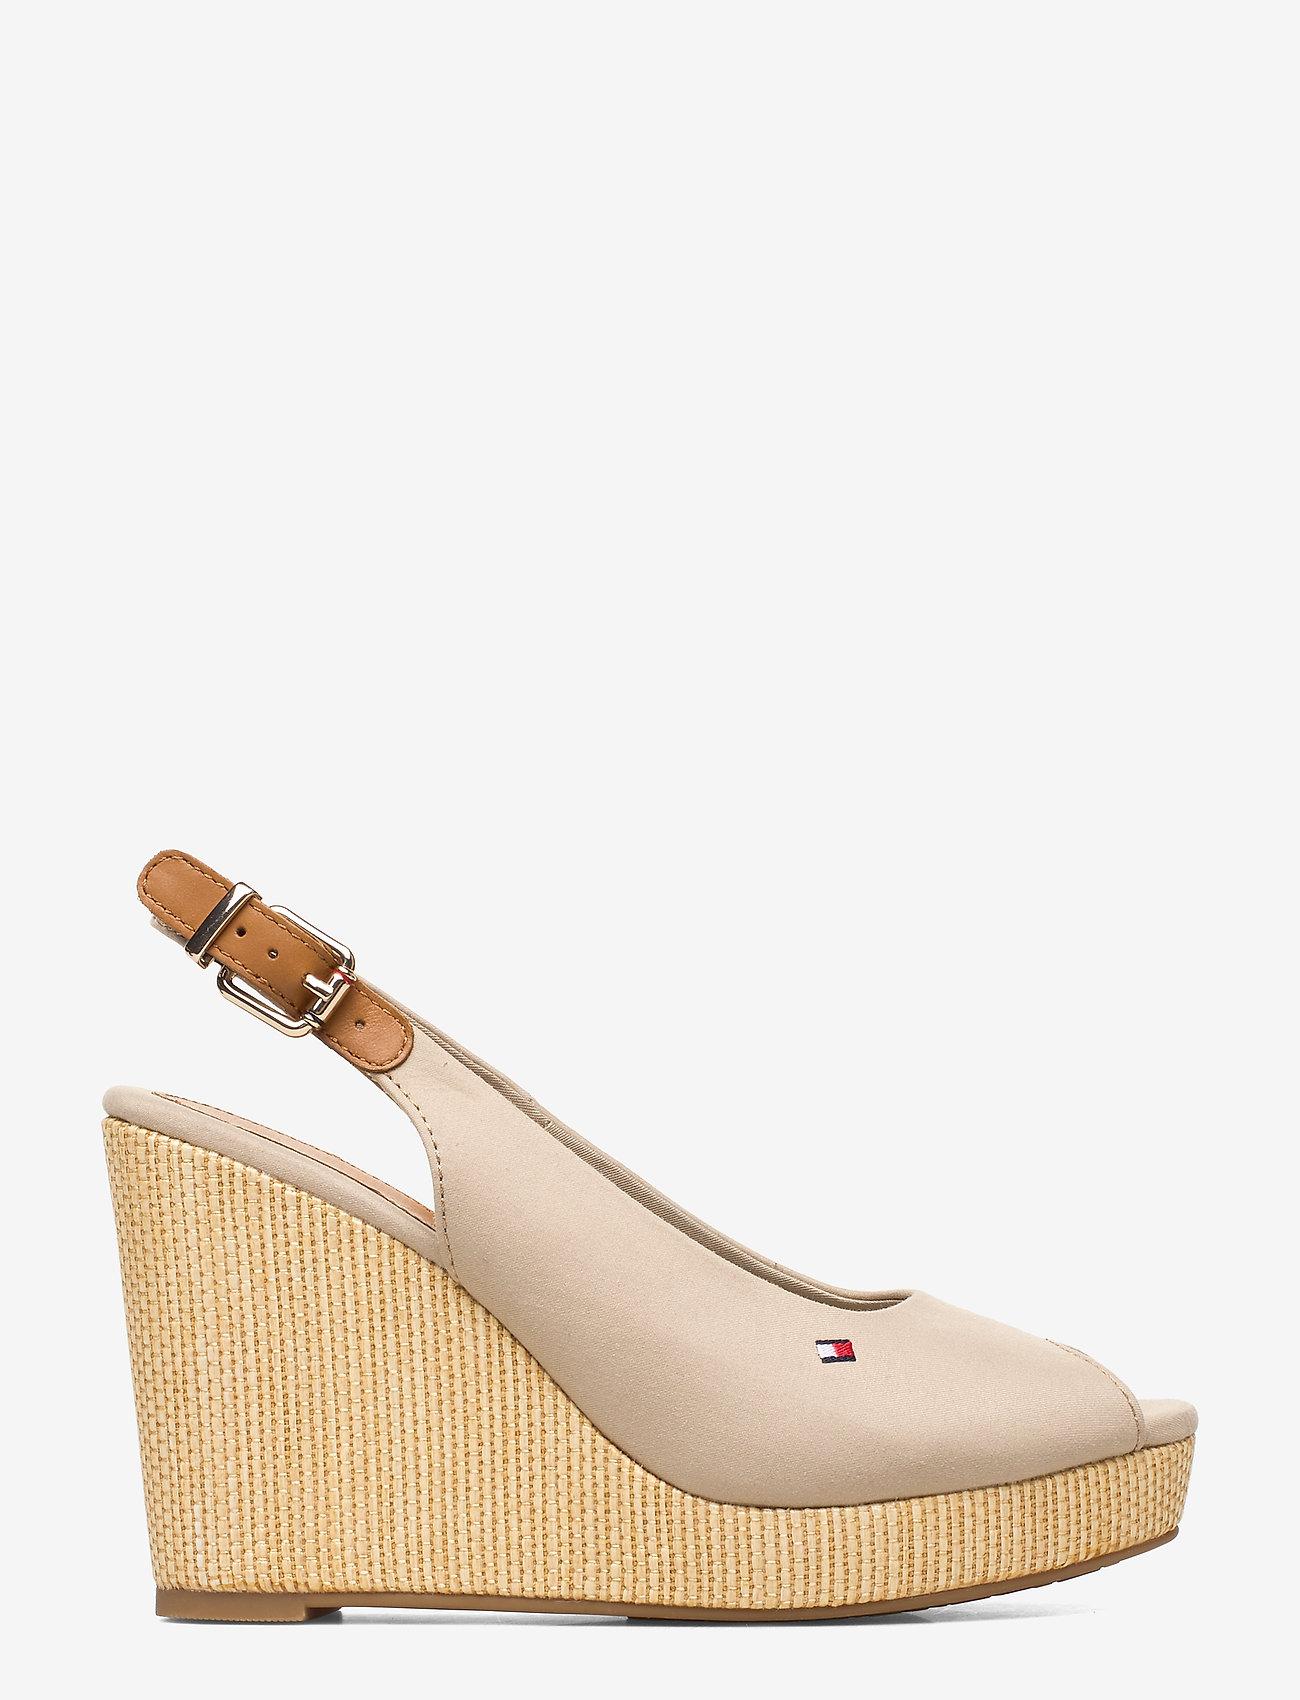 Tommy Hilfiger - ICONIC ELENA SLING BACK WEDGE - heeled espadrilles - stone - 1